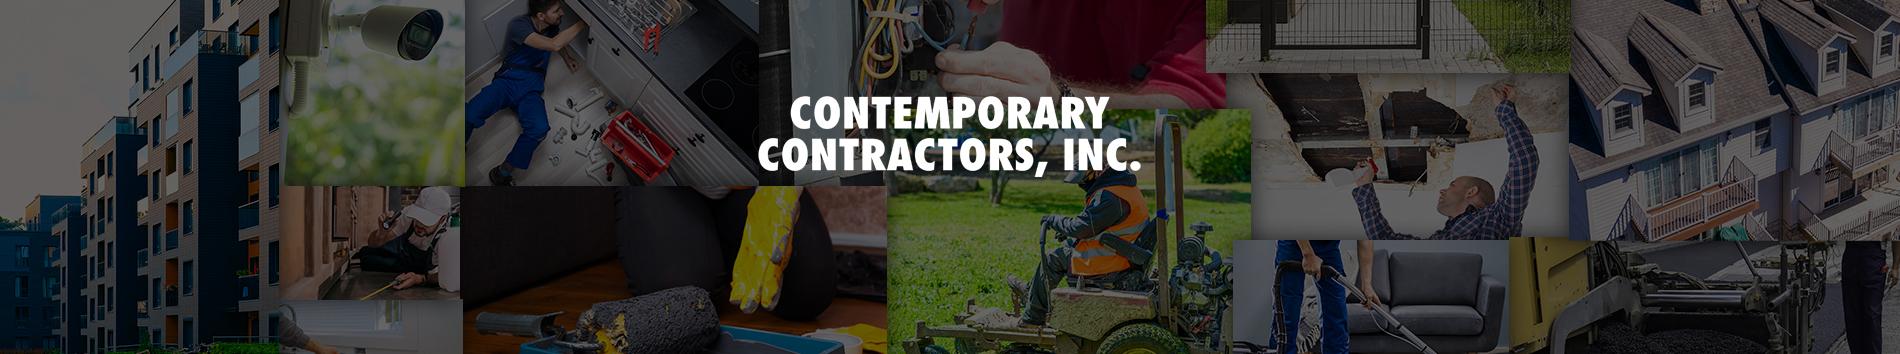 Contemporary Contractors, Inc.